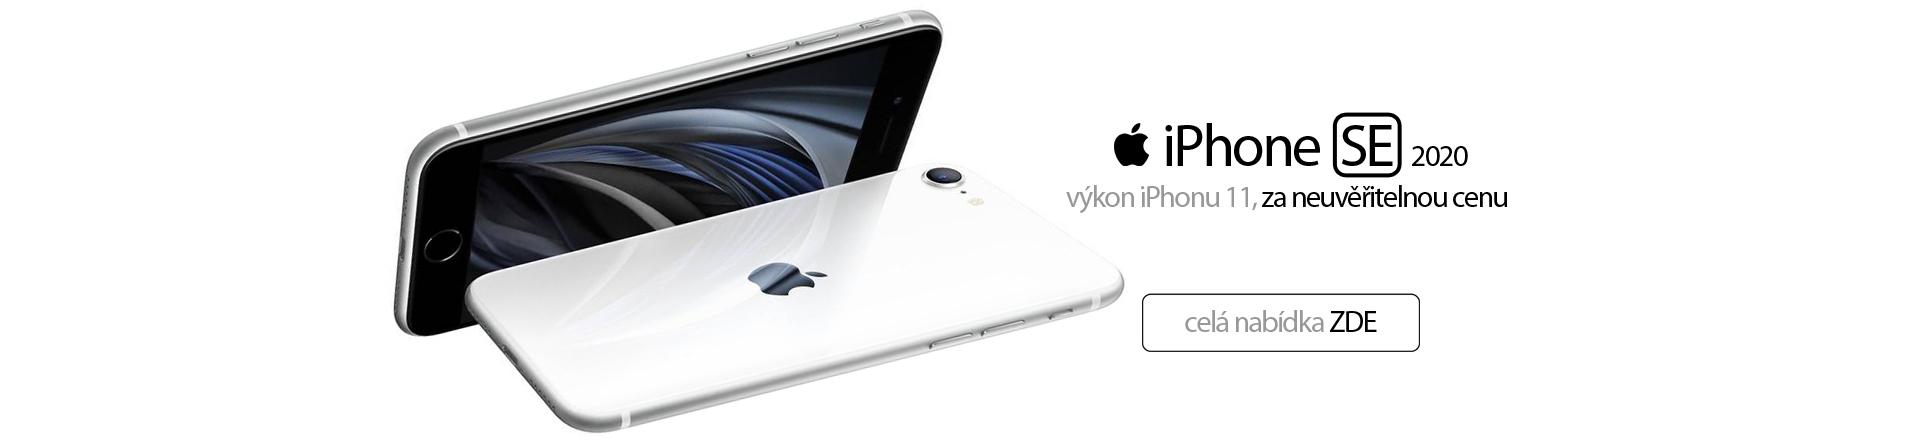 iPhone SE 2020, výkon iPhonu 11, za neuvěřitelnou cenu.